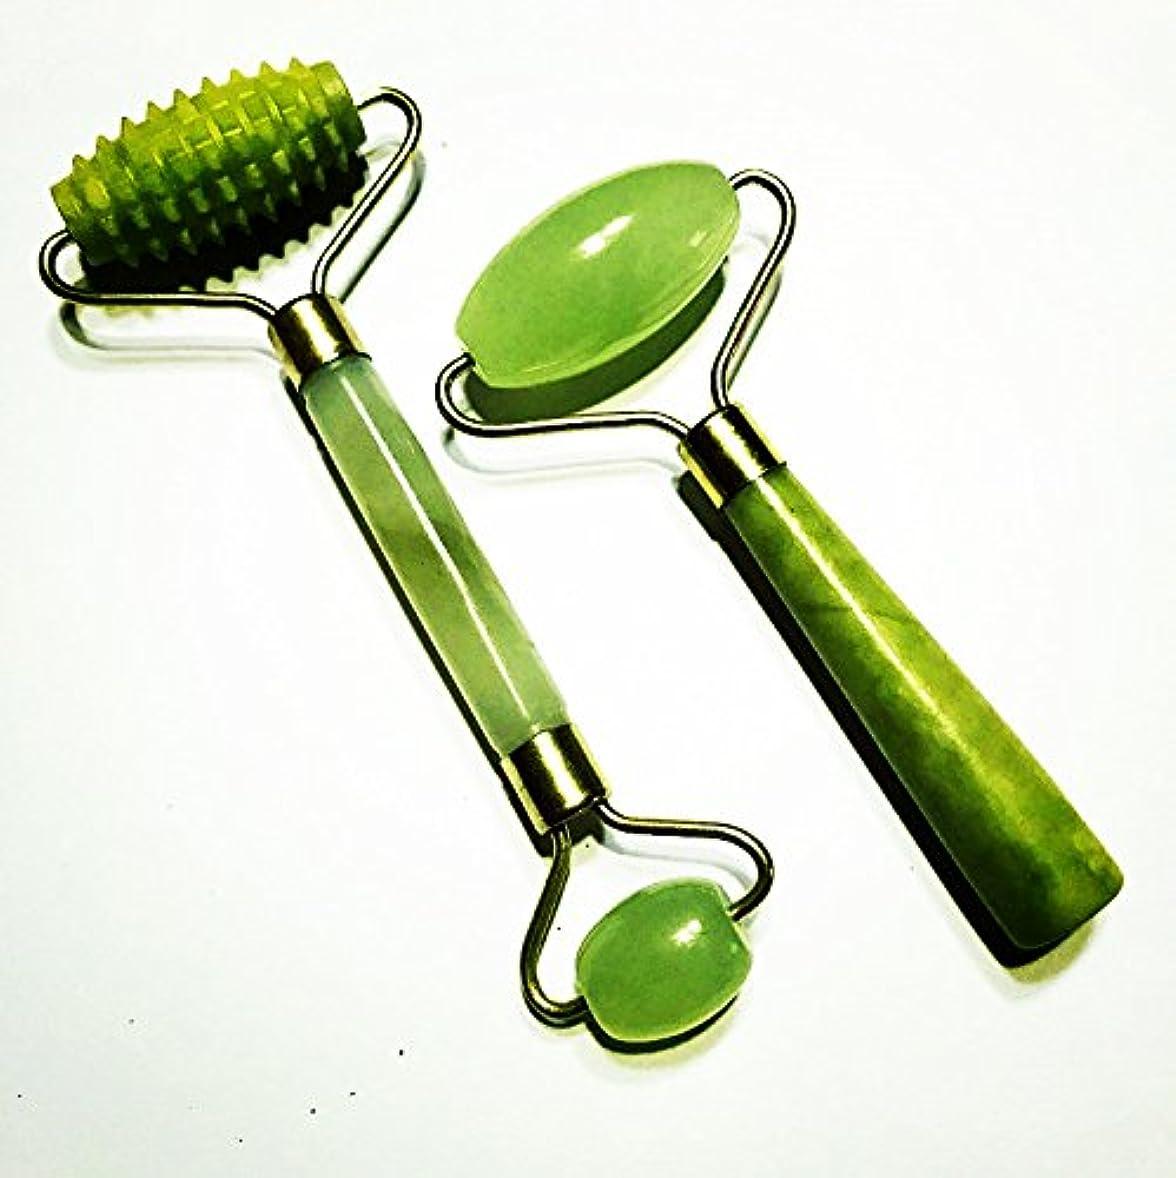 ハリケーン怖い手荷物Echo & Kern 二点 グリーンアベンチュリンの美顔ローラーフェイスマッサジギザギザ付きでローラー2pcs The Green Jade roller textured spiky Jade roller 100%...